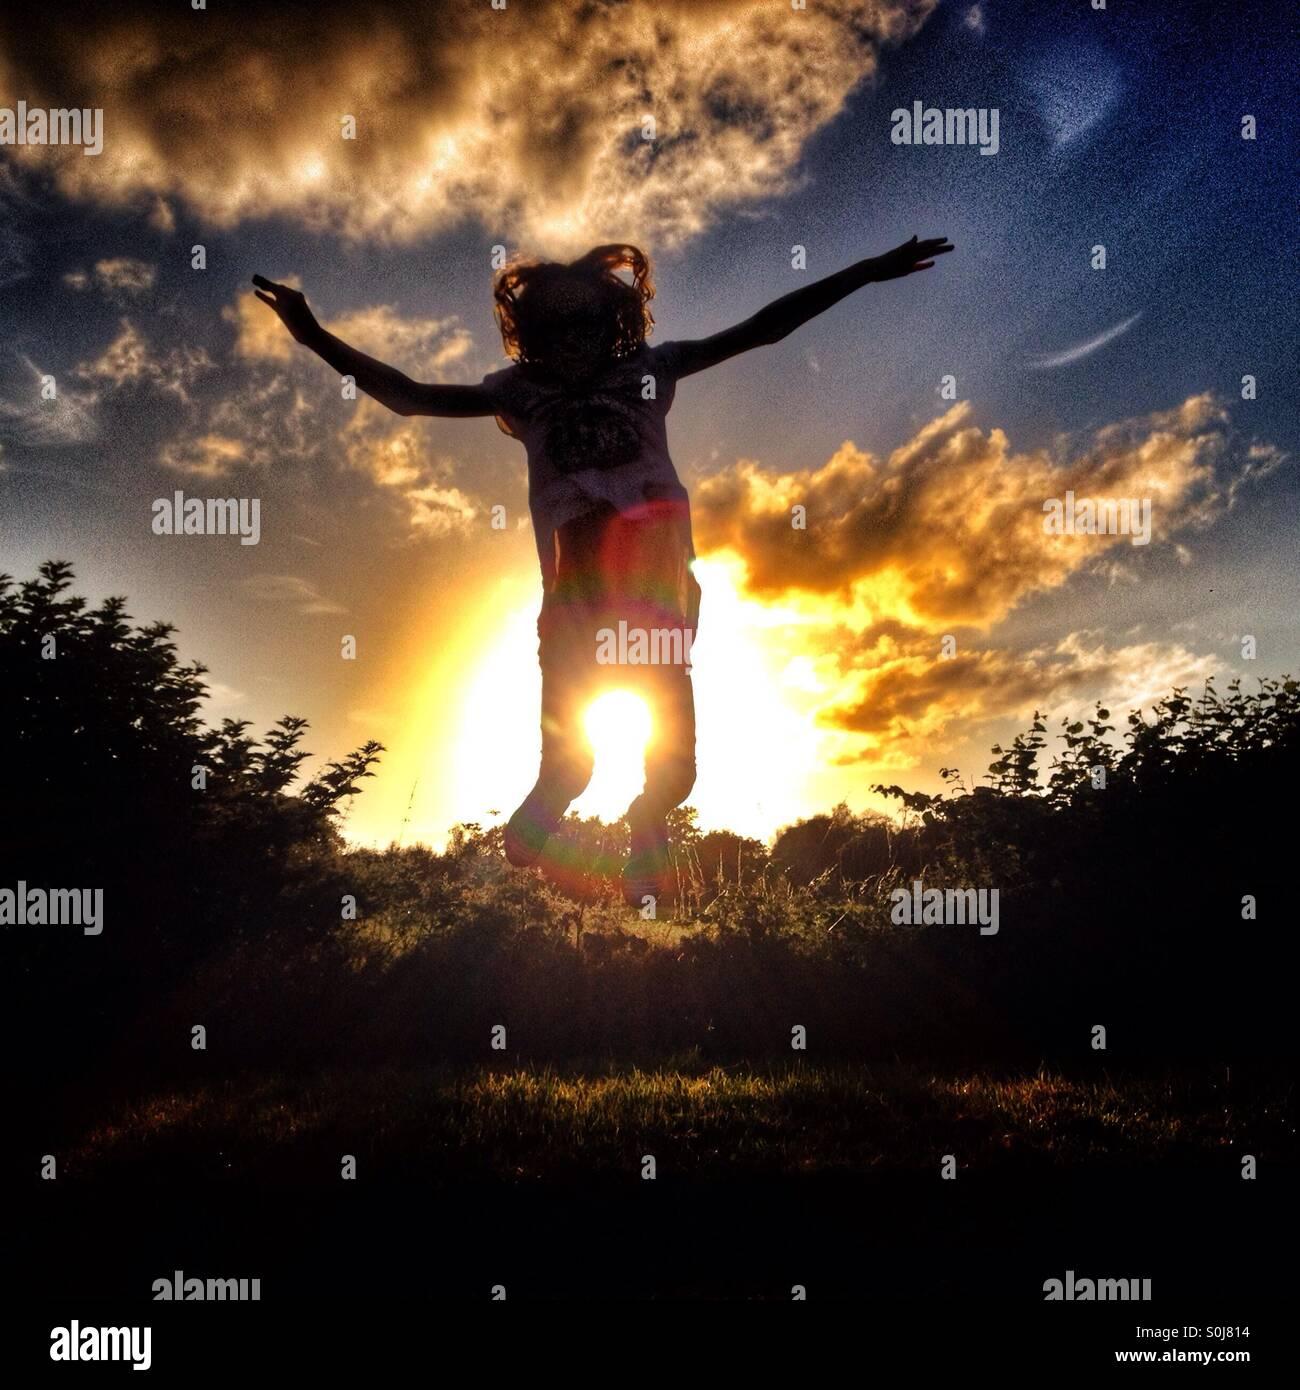 Jeune fille sautant de joie en silhouette contre le soleil couchant Photo Stock